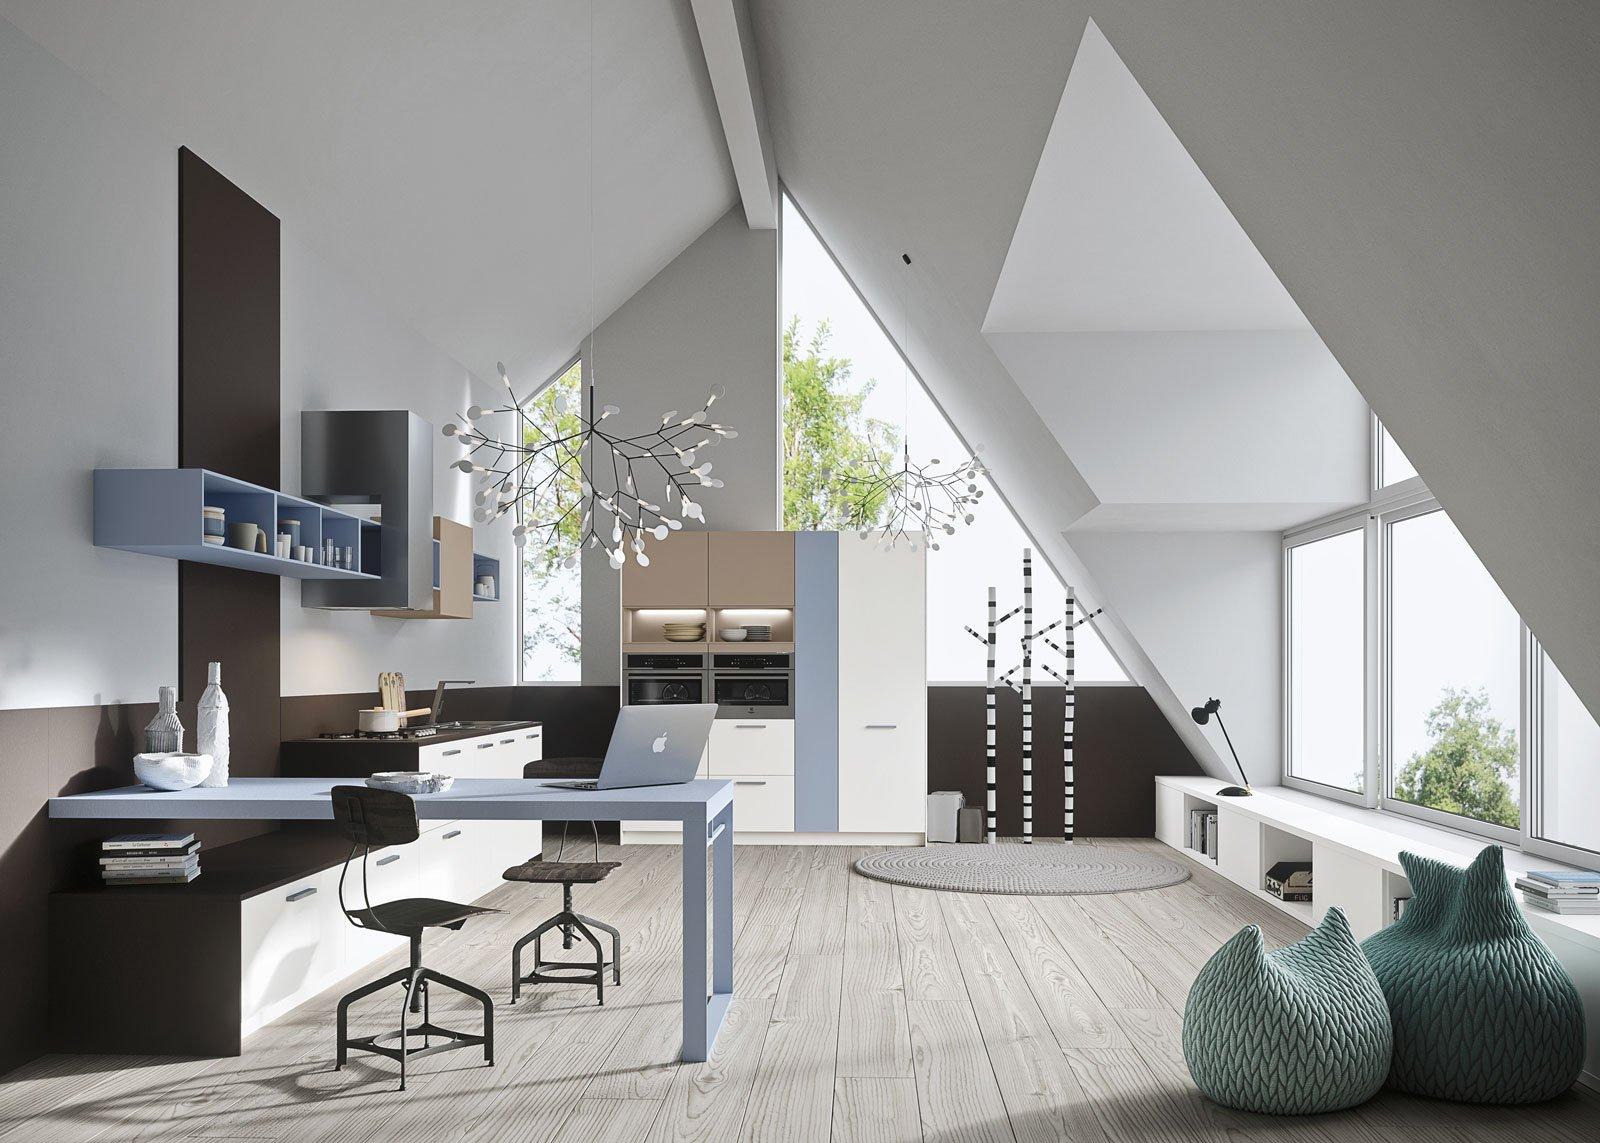 Cucine piccole composizioni compatte anche per il for Arredamento case moderne foto